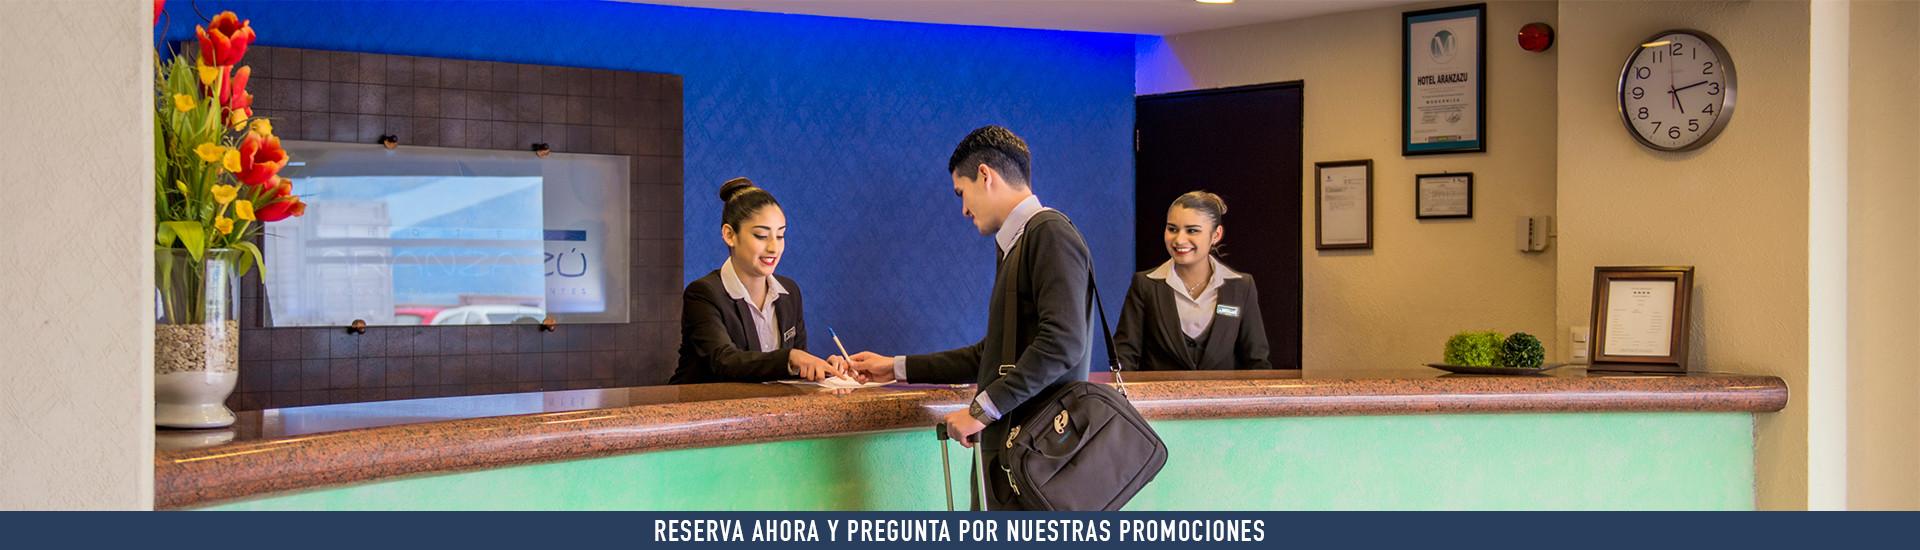 Mostrador-Seccion-Promociones_-Personali